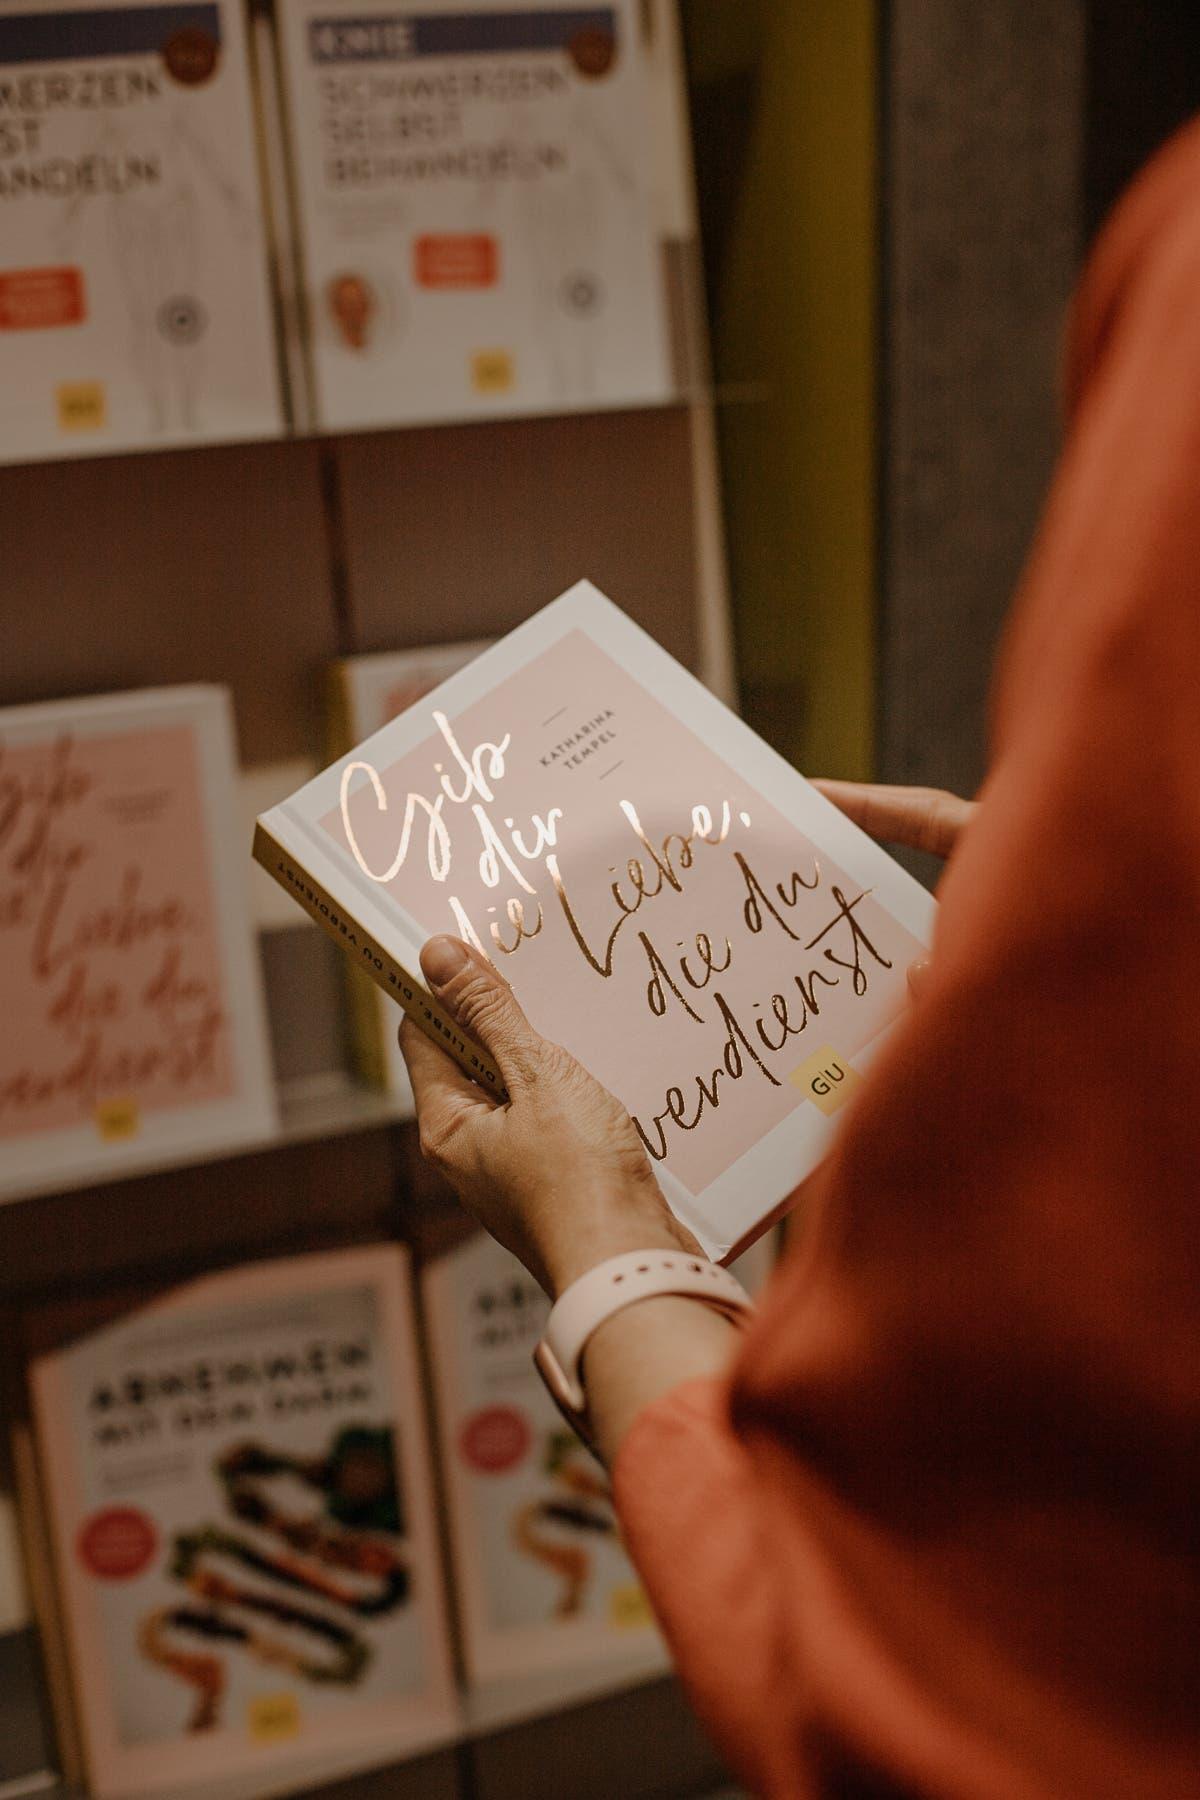 Frau hält Buch über Selbstliebe in den Händen.